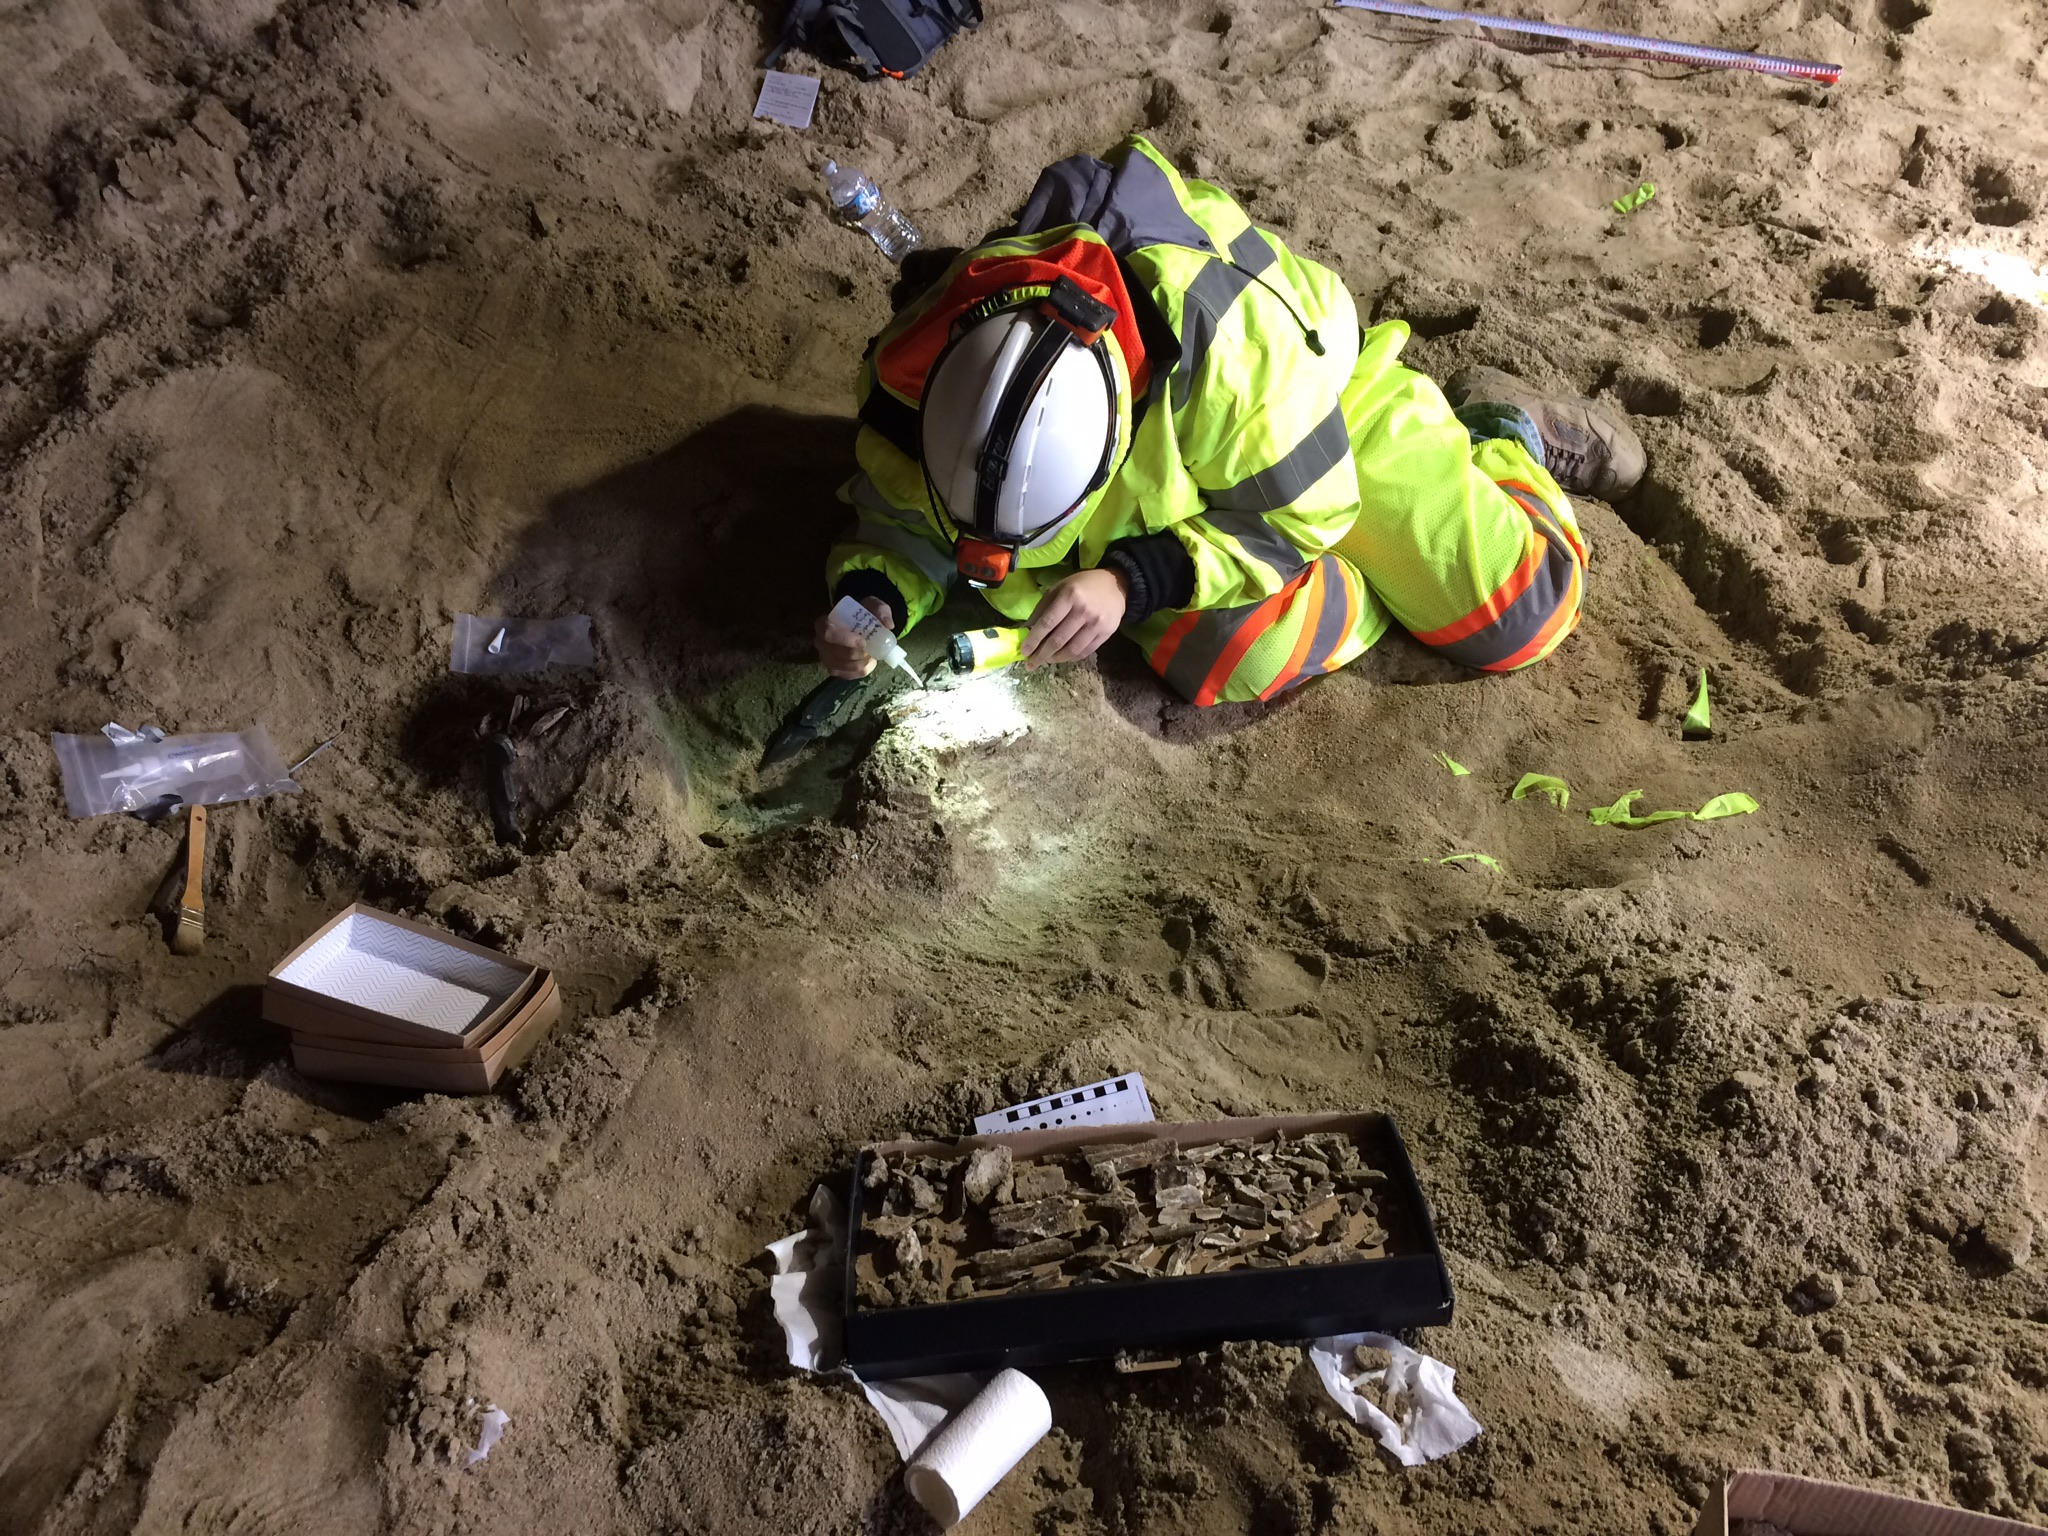 img_20161123_paleontologistdr-ashleylegerpreparingtuskforremoval